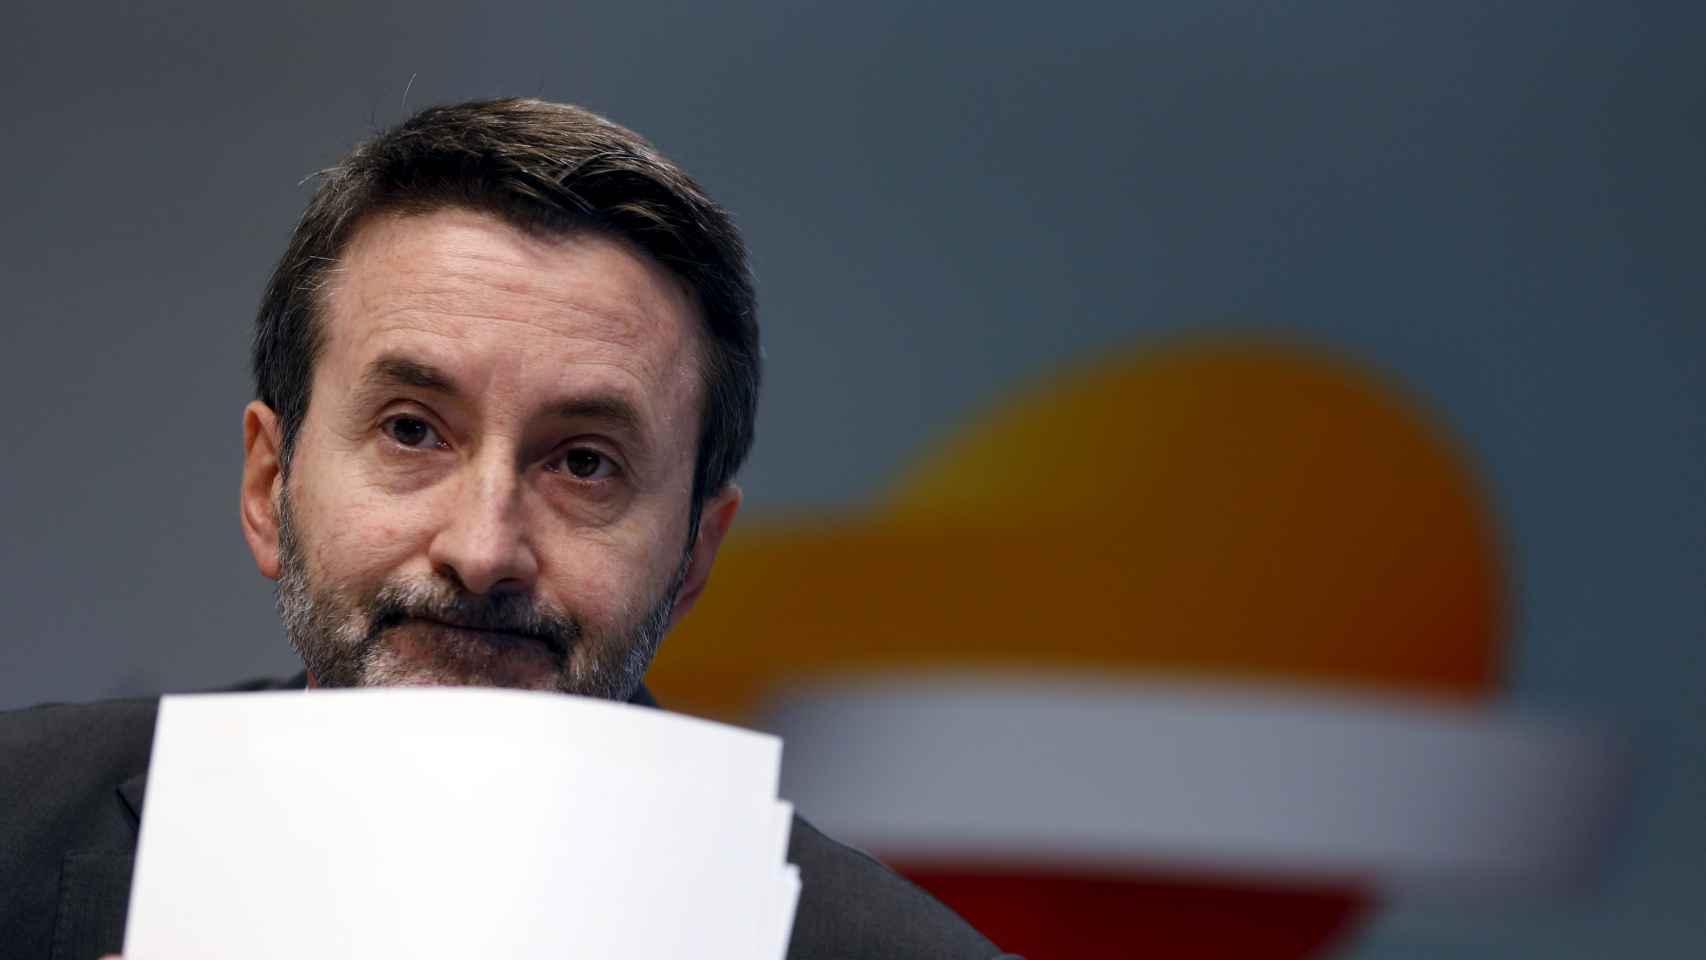 El consejero delegado de Repsol, Josu Jon Imaz / Susana Vera / Reuters